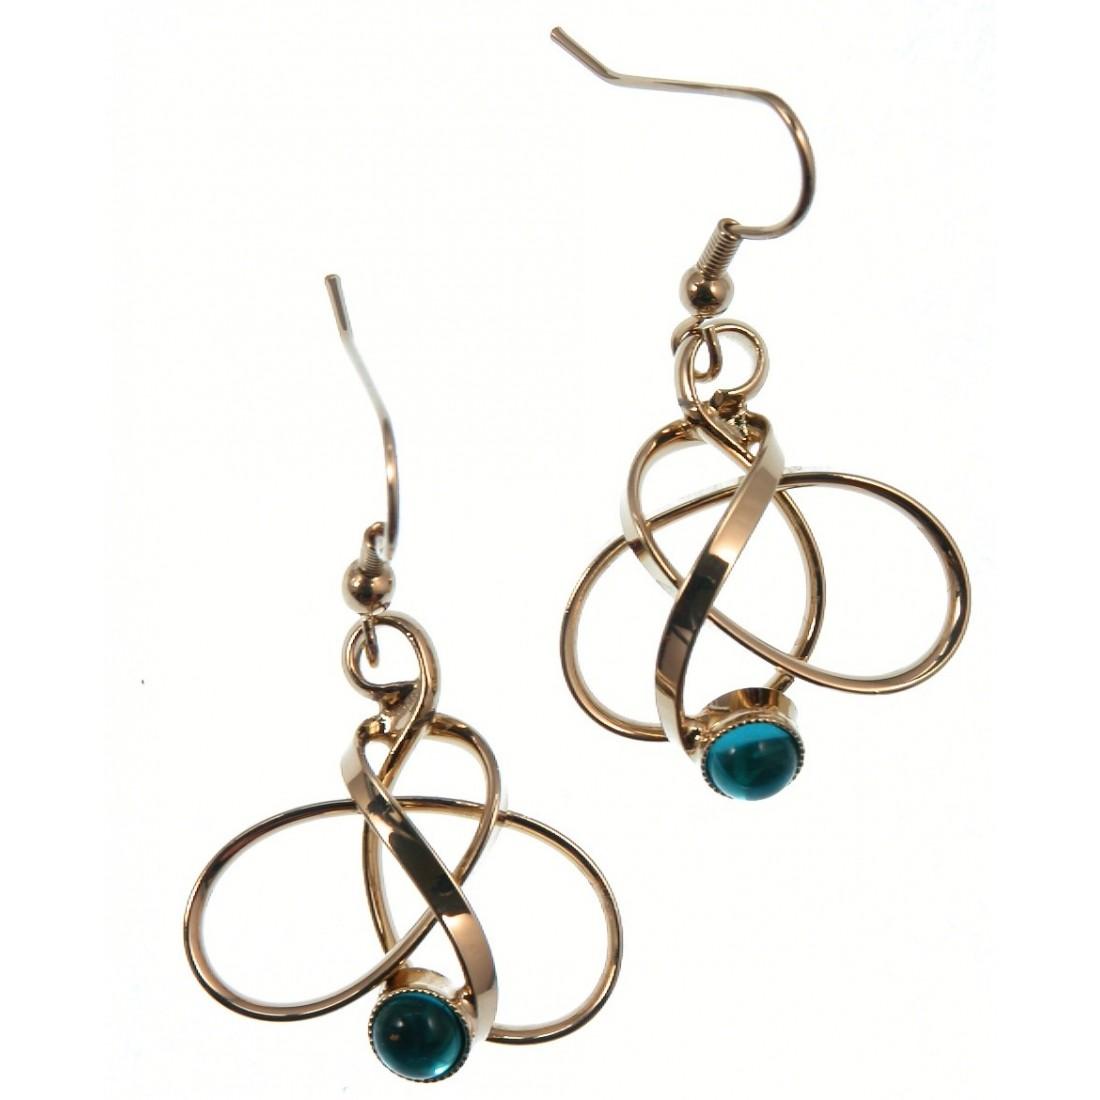 Boucles d'oreilles-bijoux artisanaux de qualité